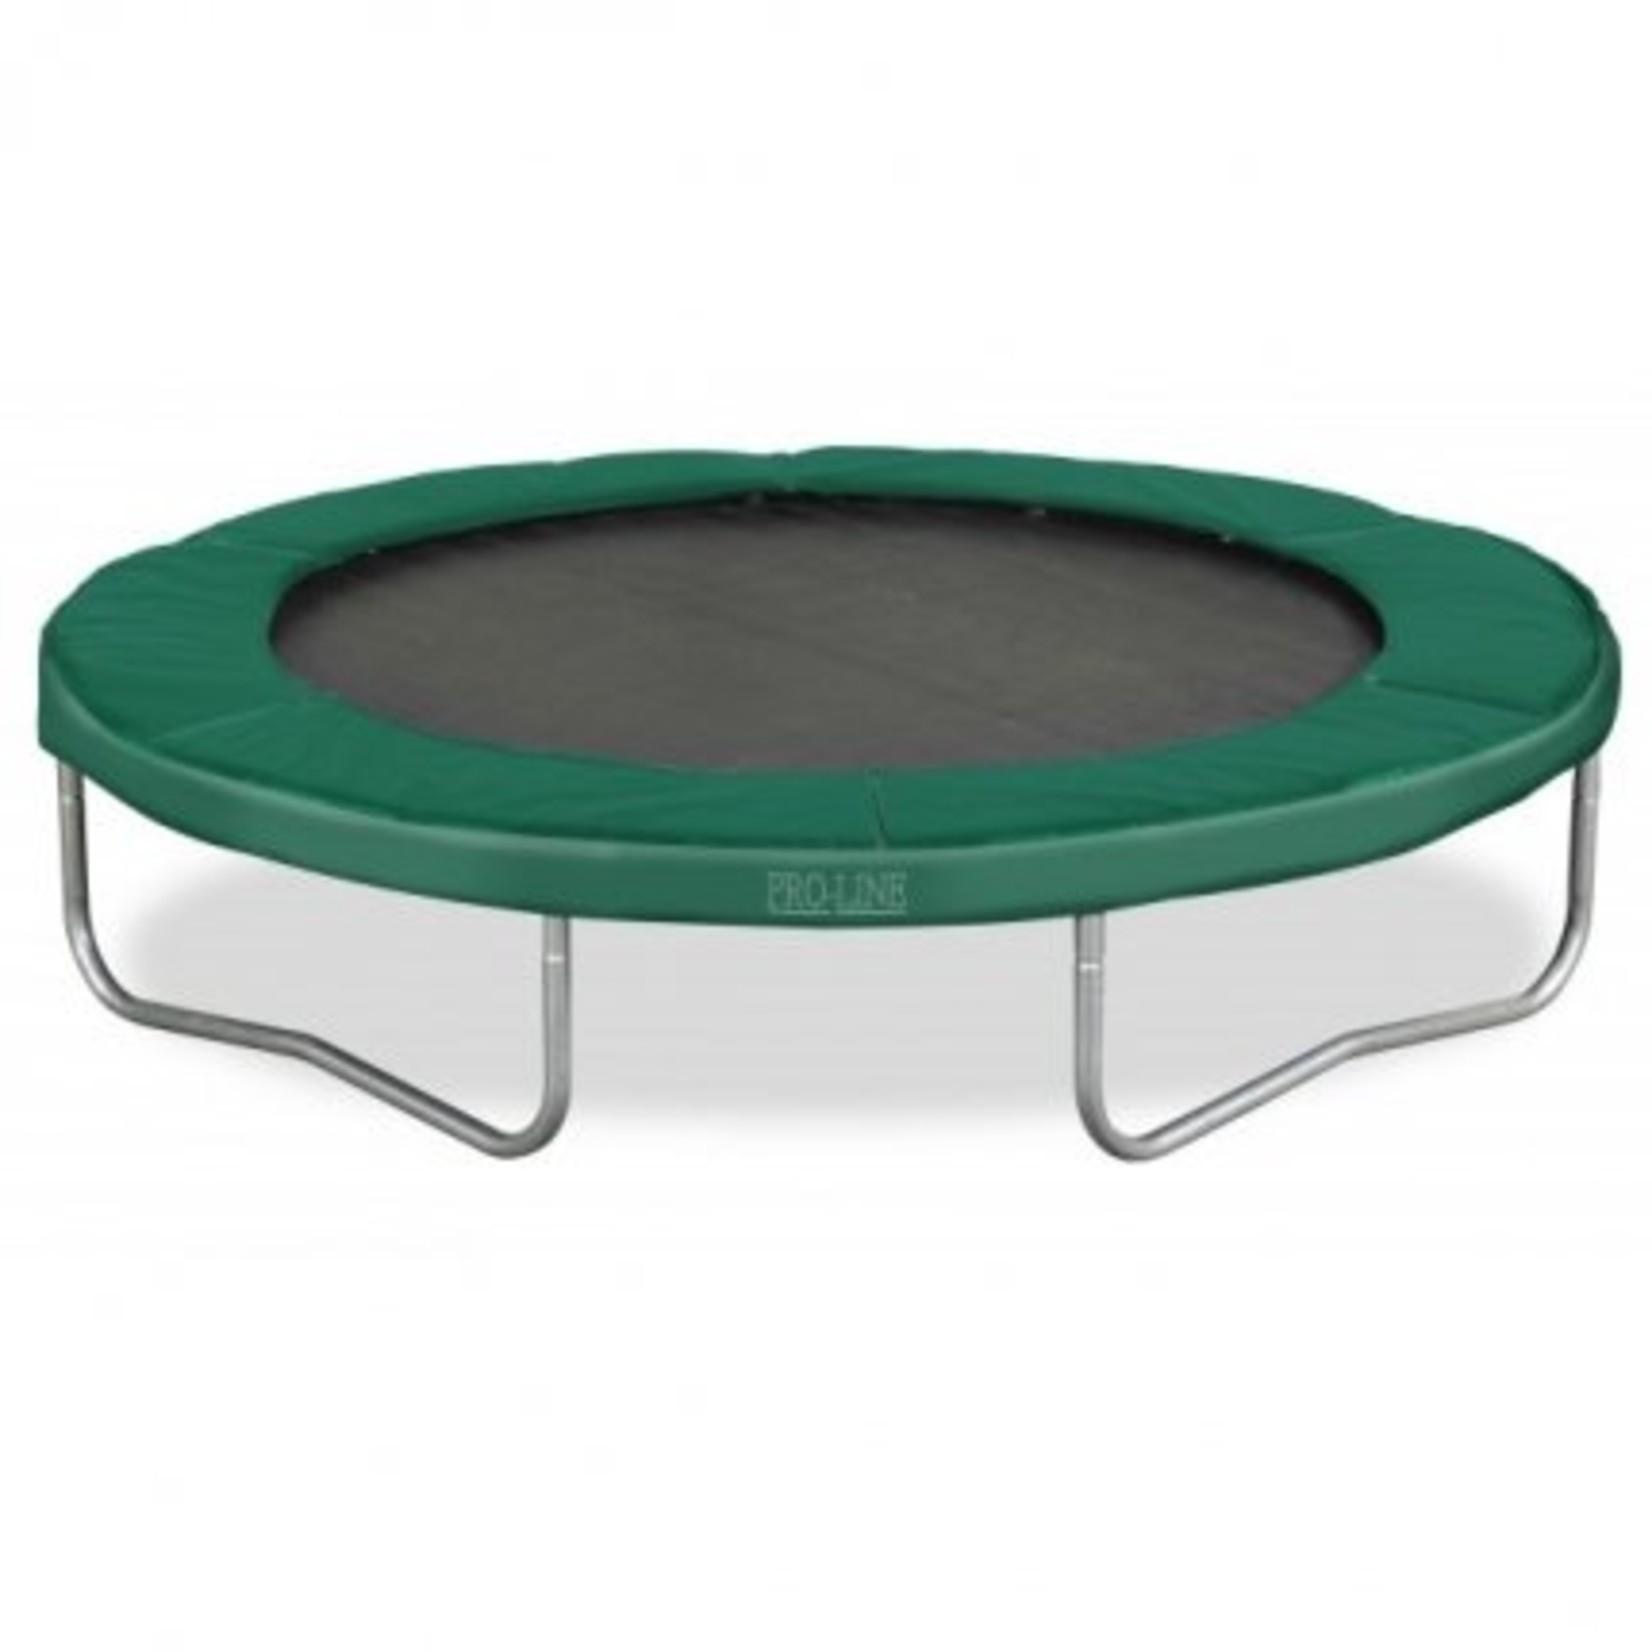 Avyna Top kwaliteit trampoline, die zeer veilig is en onderhoudsvriendelijk.Doorsnee 200cm en hoogte 41cm